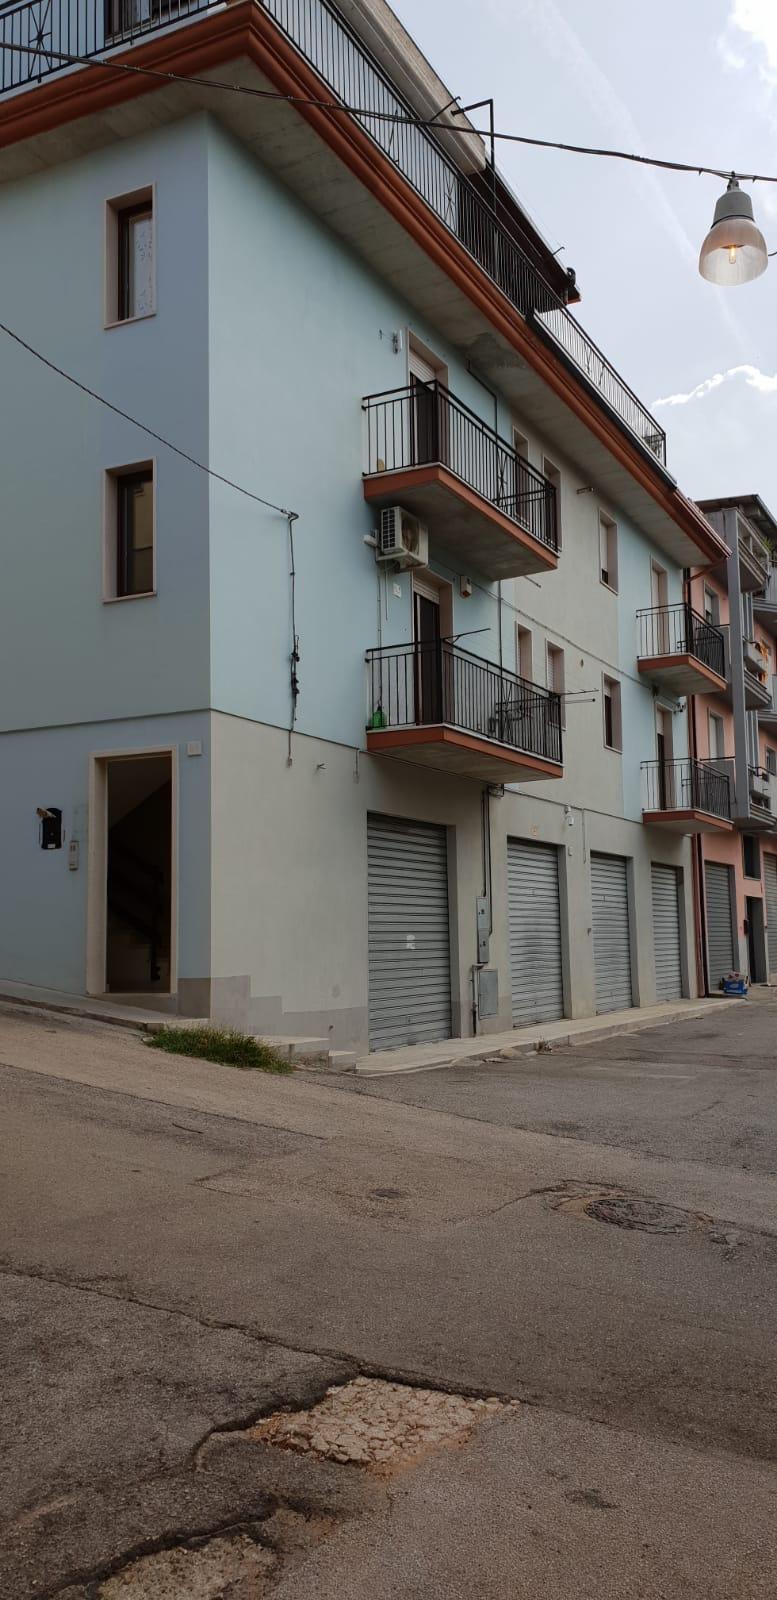 Appartamento in vendita a San Nicandro Garganico, 3 locali, zona Località: BOSCHETTO, prezzo € 62.000   CambioCasa.it